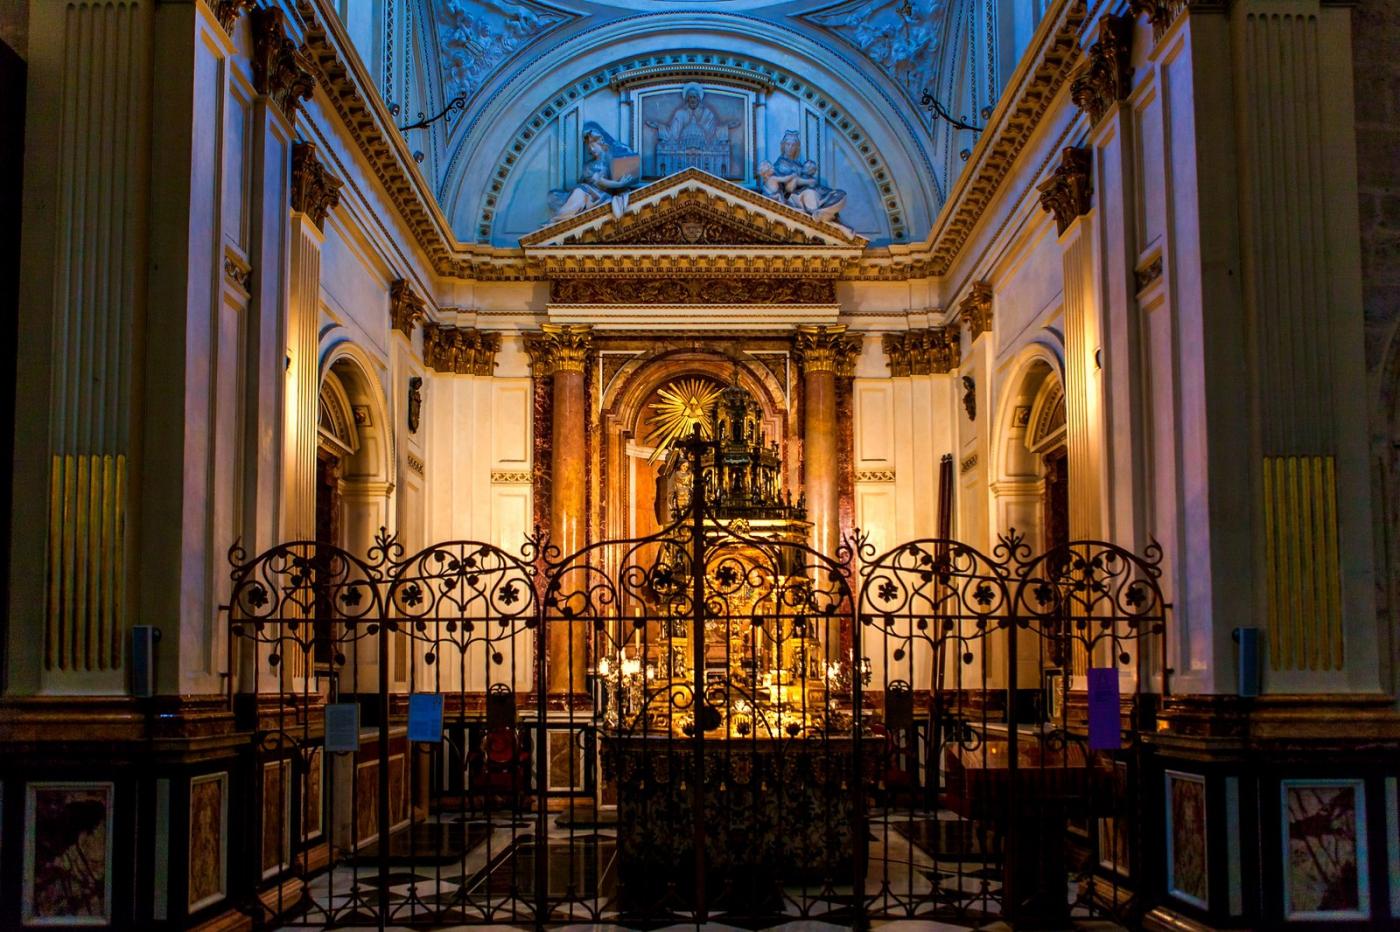 西班牙巴倫西亞主教堂,越看越喜歡_圖1-12